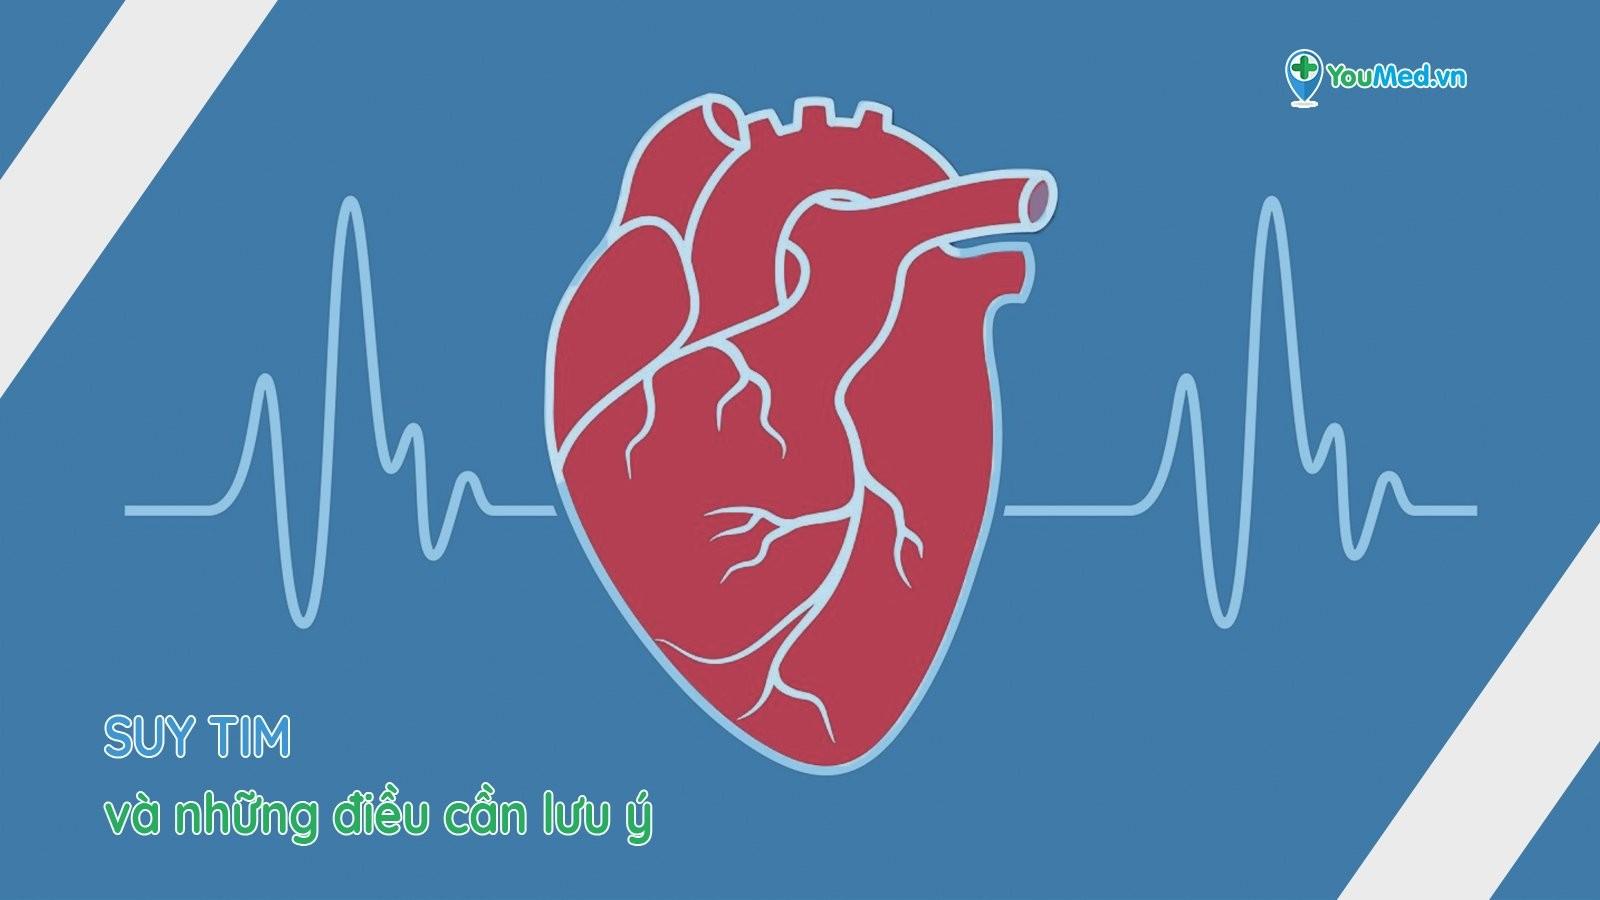 Suy tim: Trạm dừng cuối cùng của các bệnh về tim